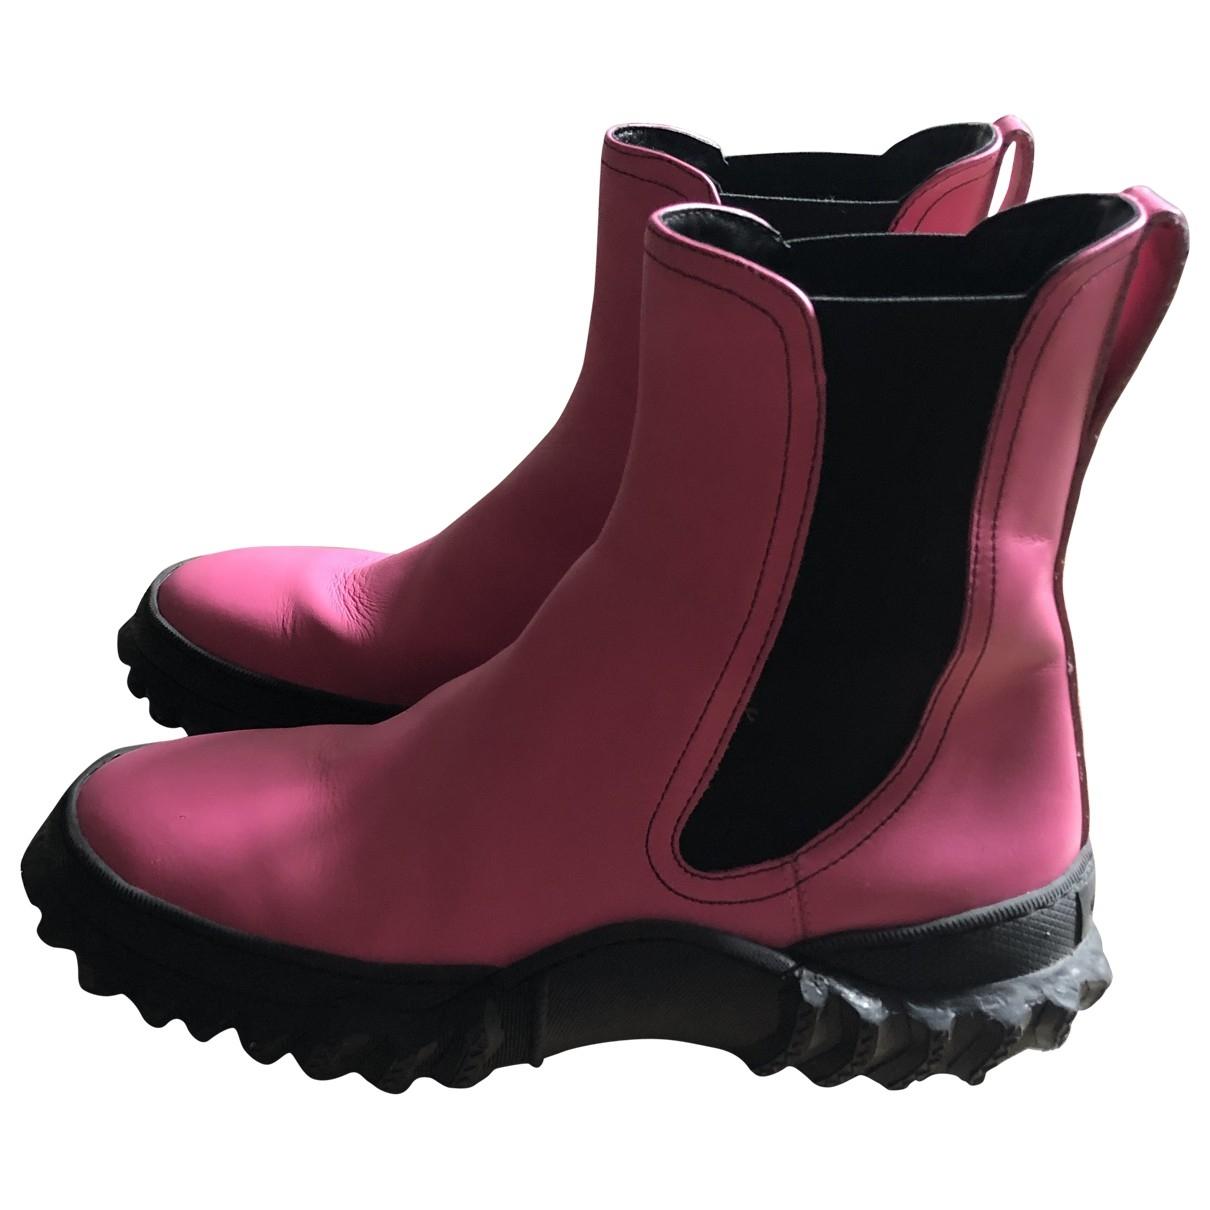 Marni - Boots   pour femme en cuir - rose